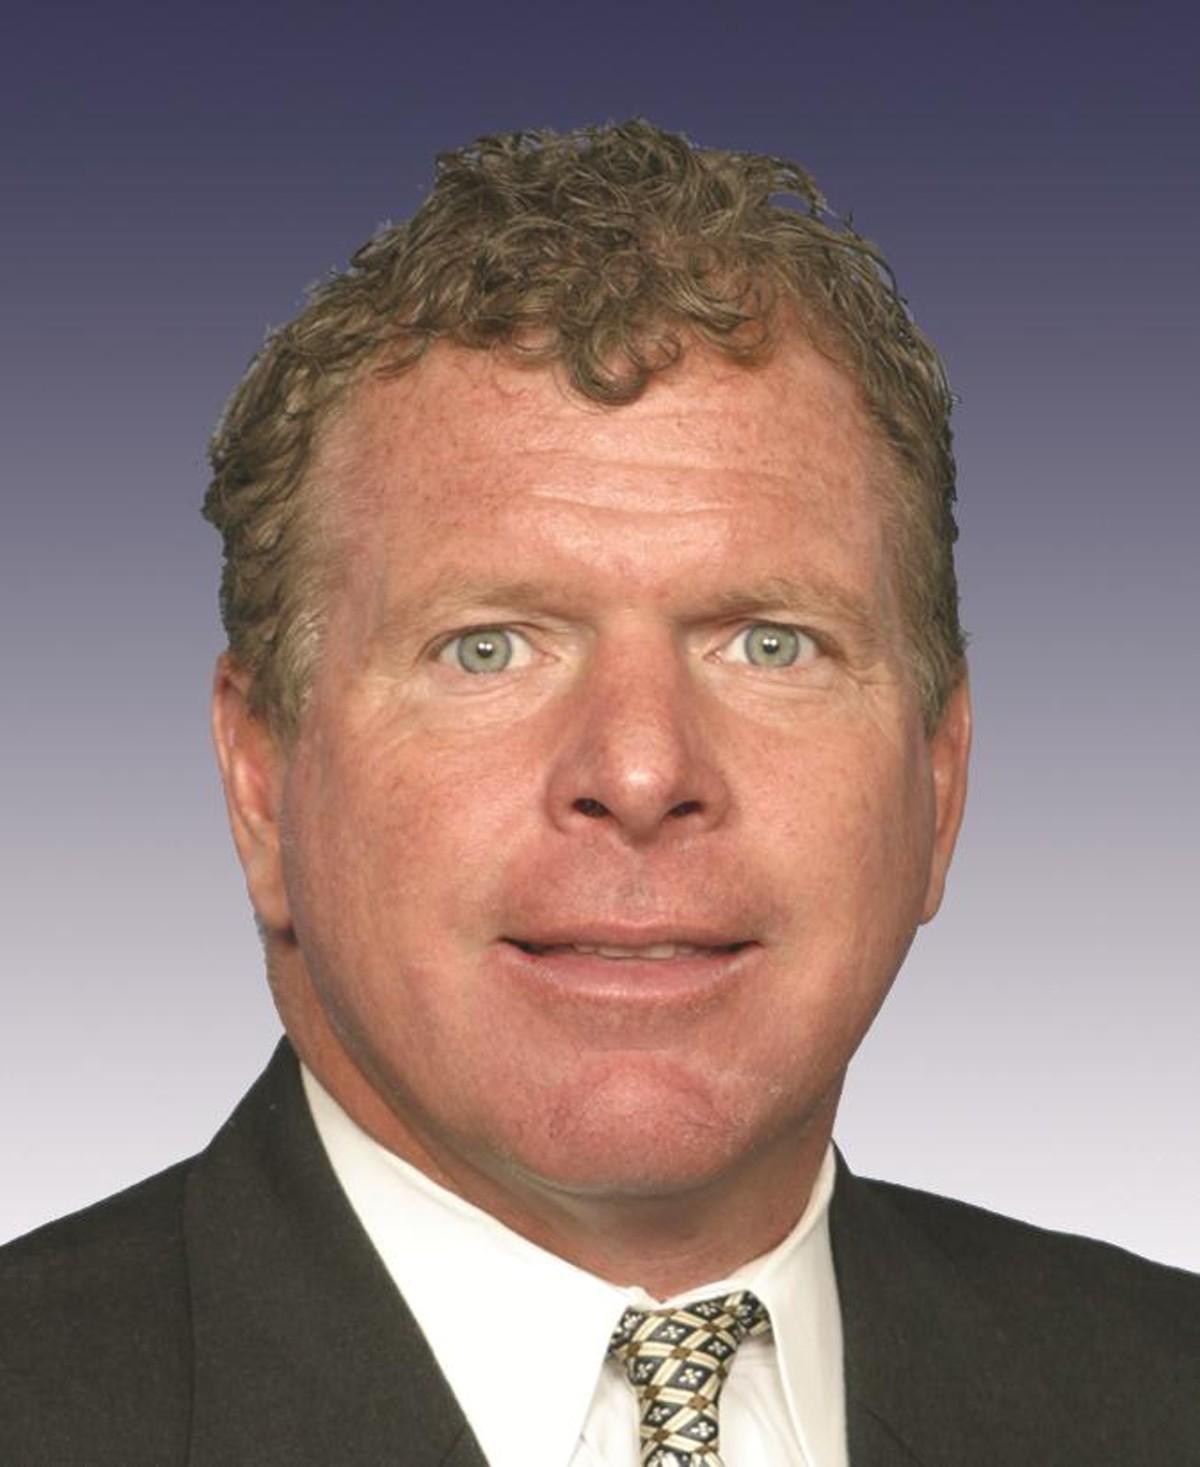 Tom Feeney